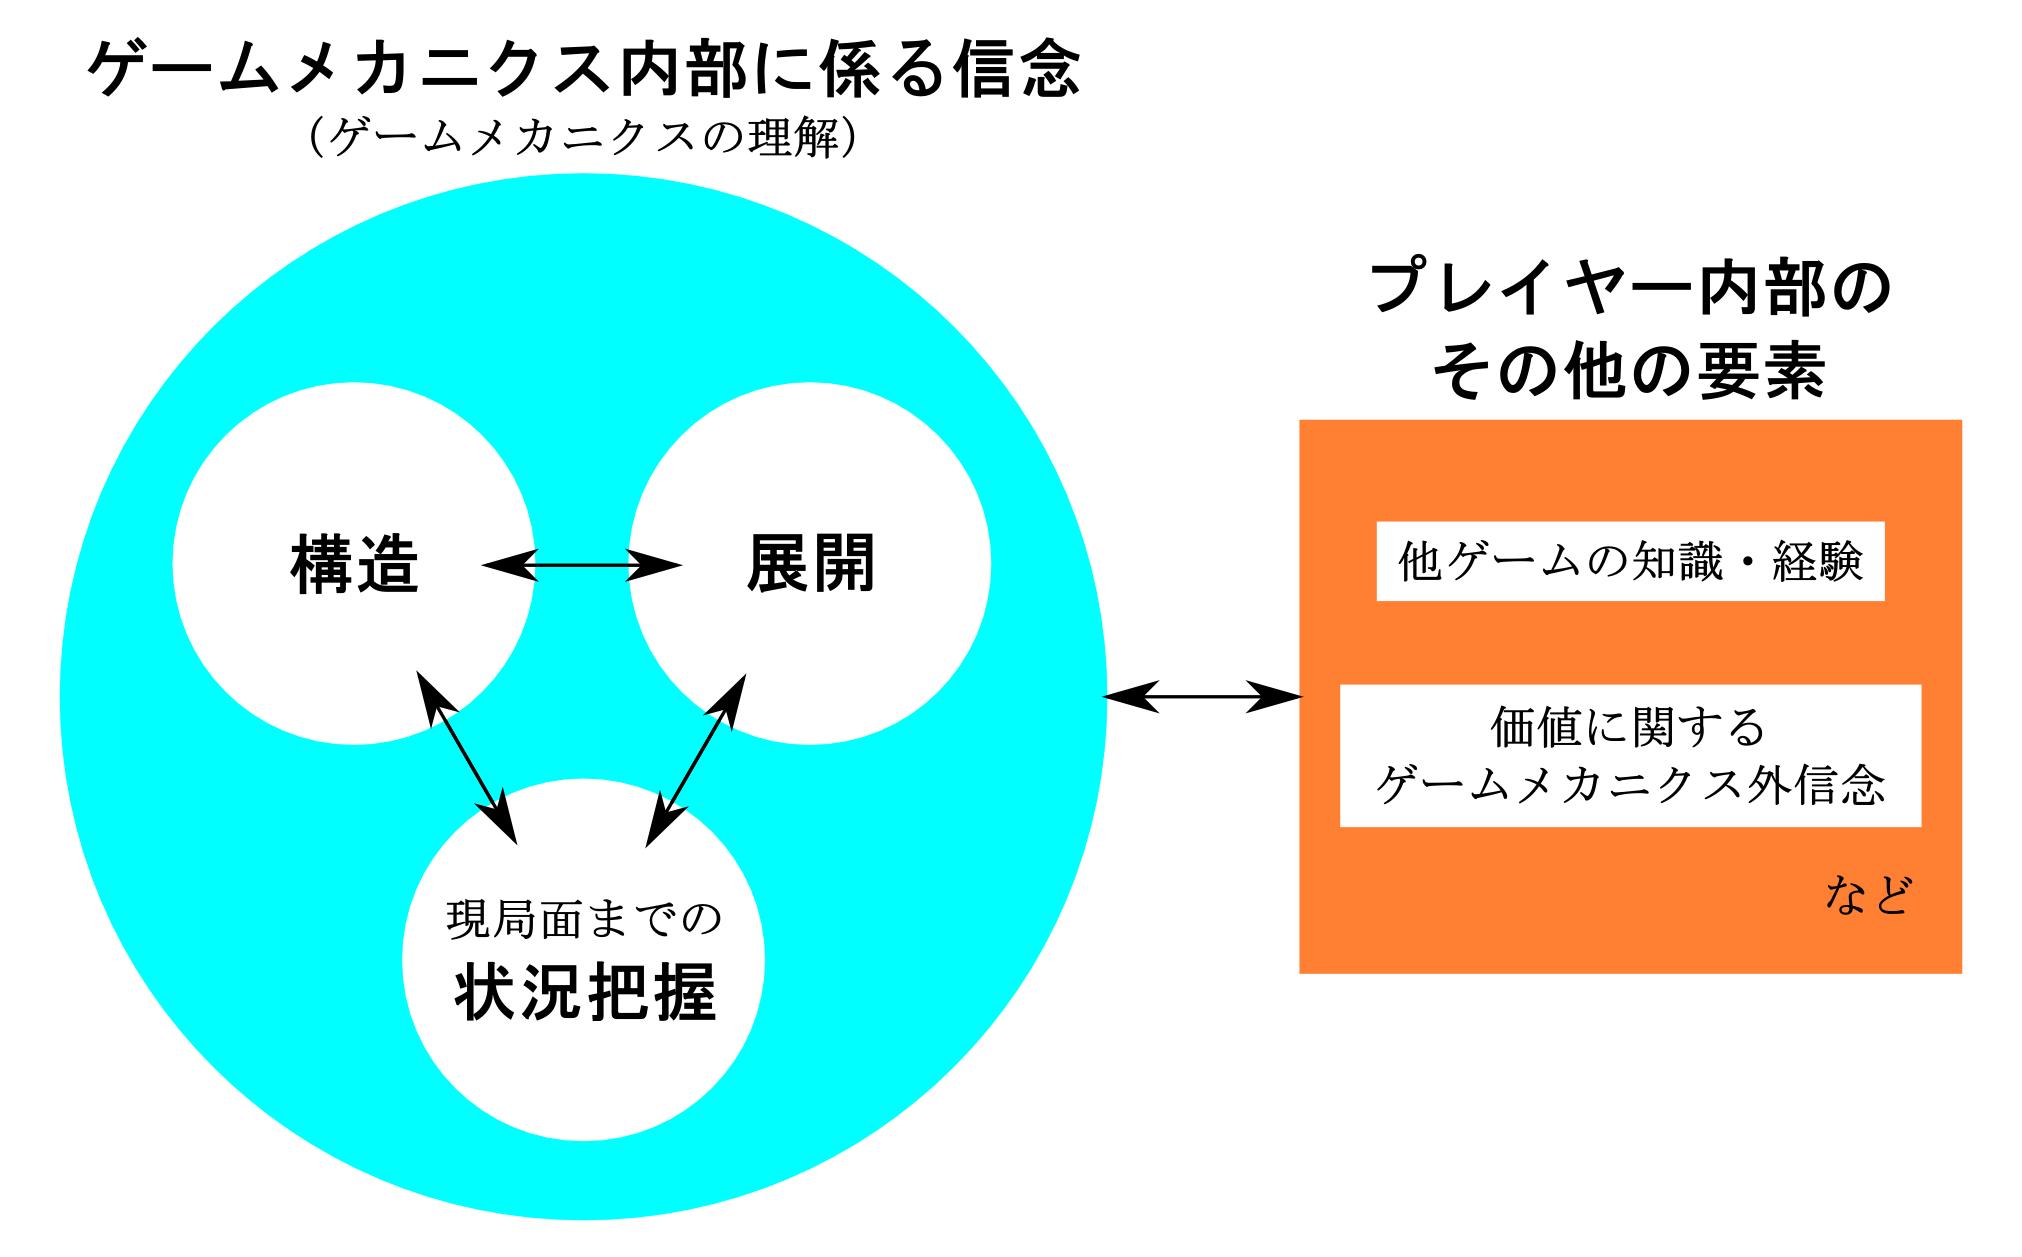 ゲームメカニクスの理解に関する参考図